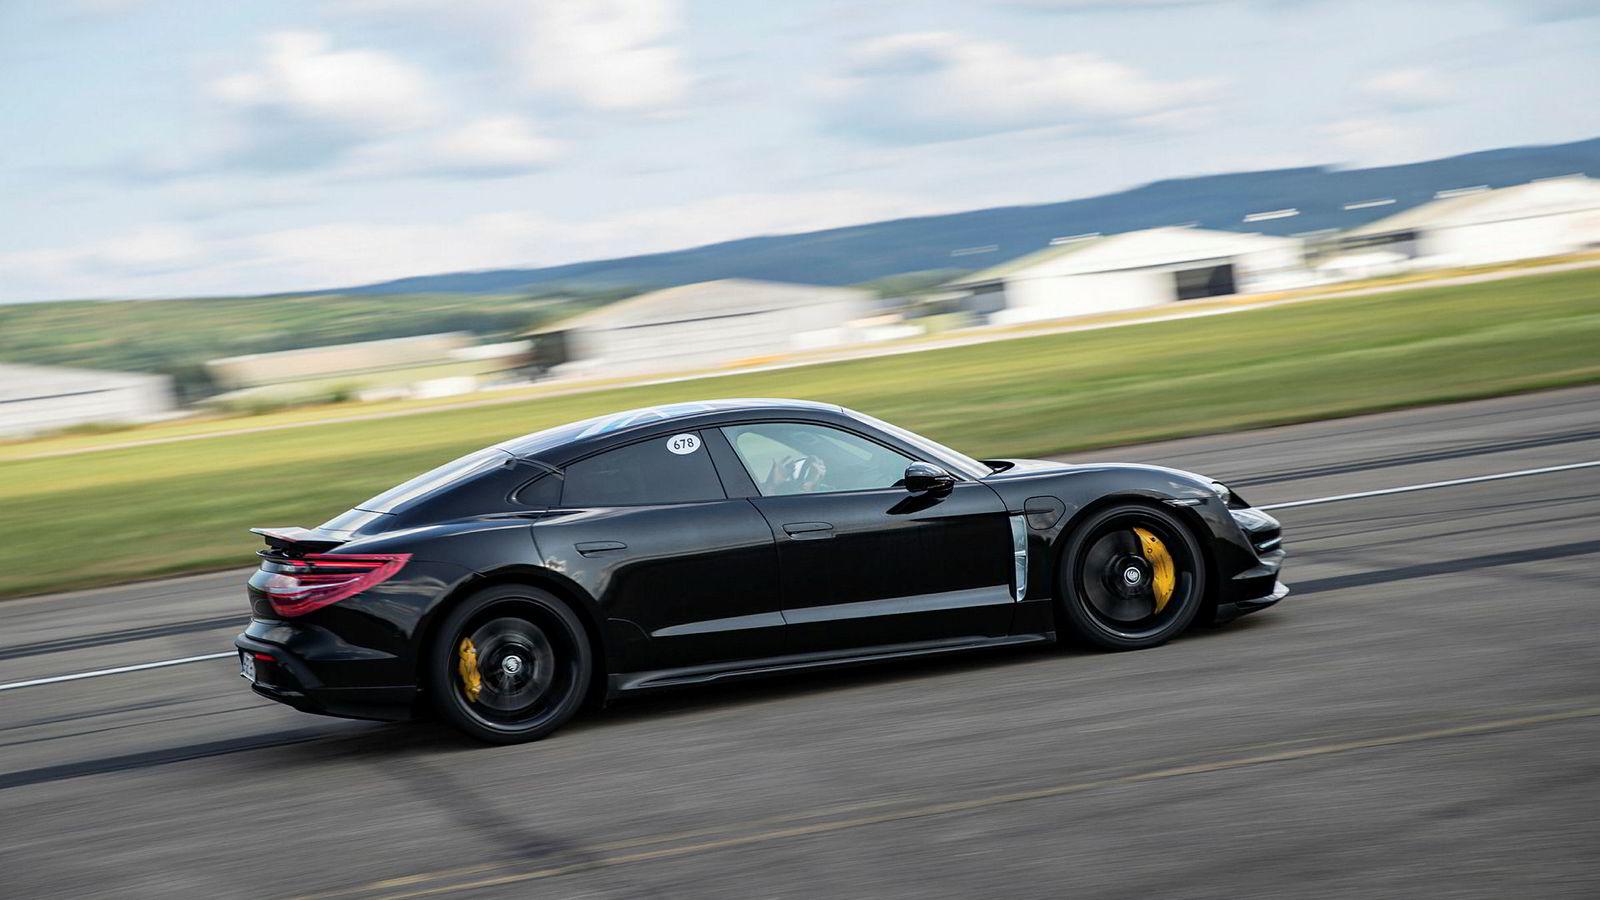 Porsche Taycan er mindre enn Tesla Model S, og får klare trekk fra Porsches ikoniske 911.